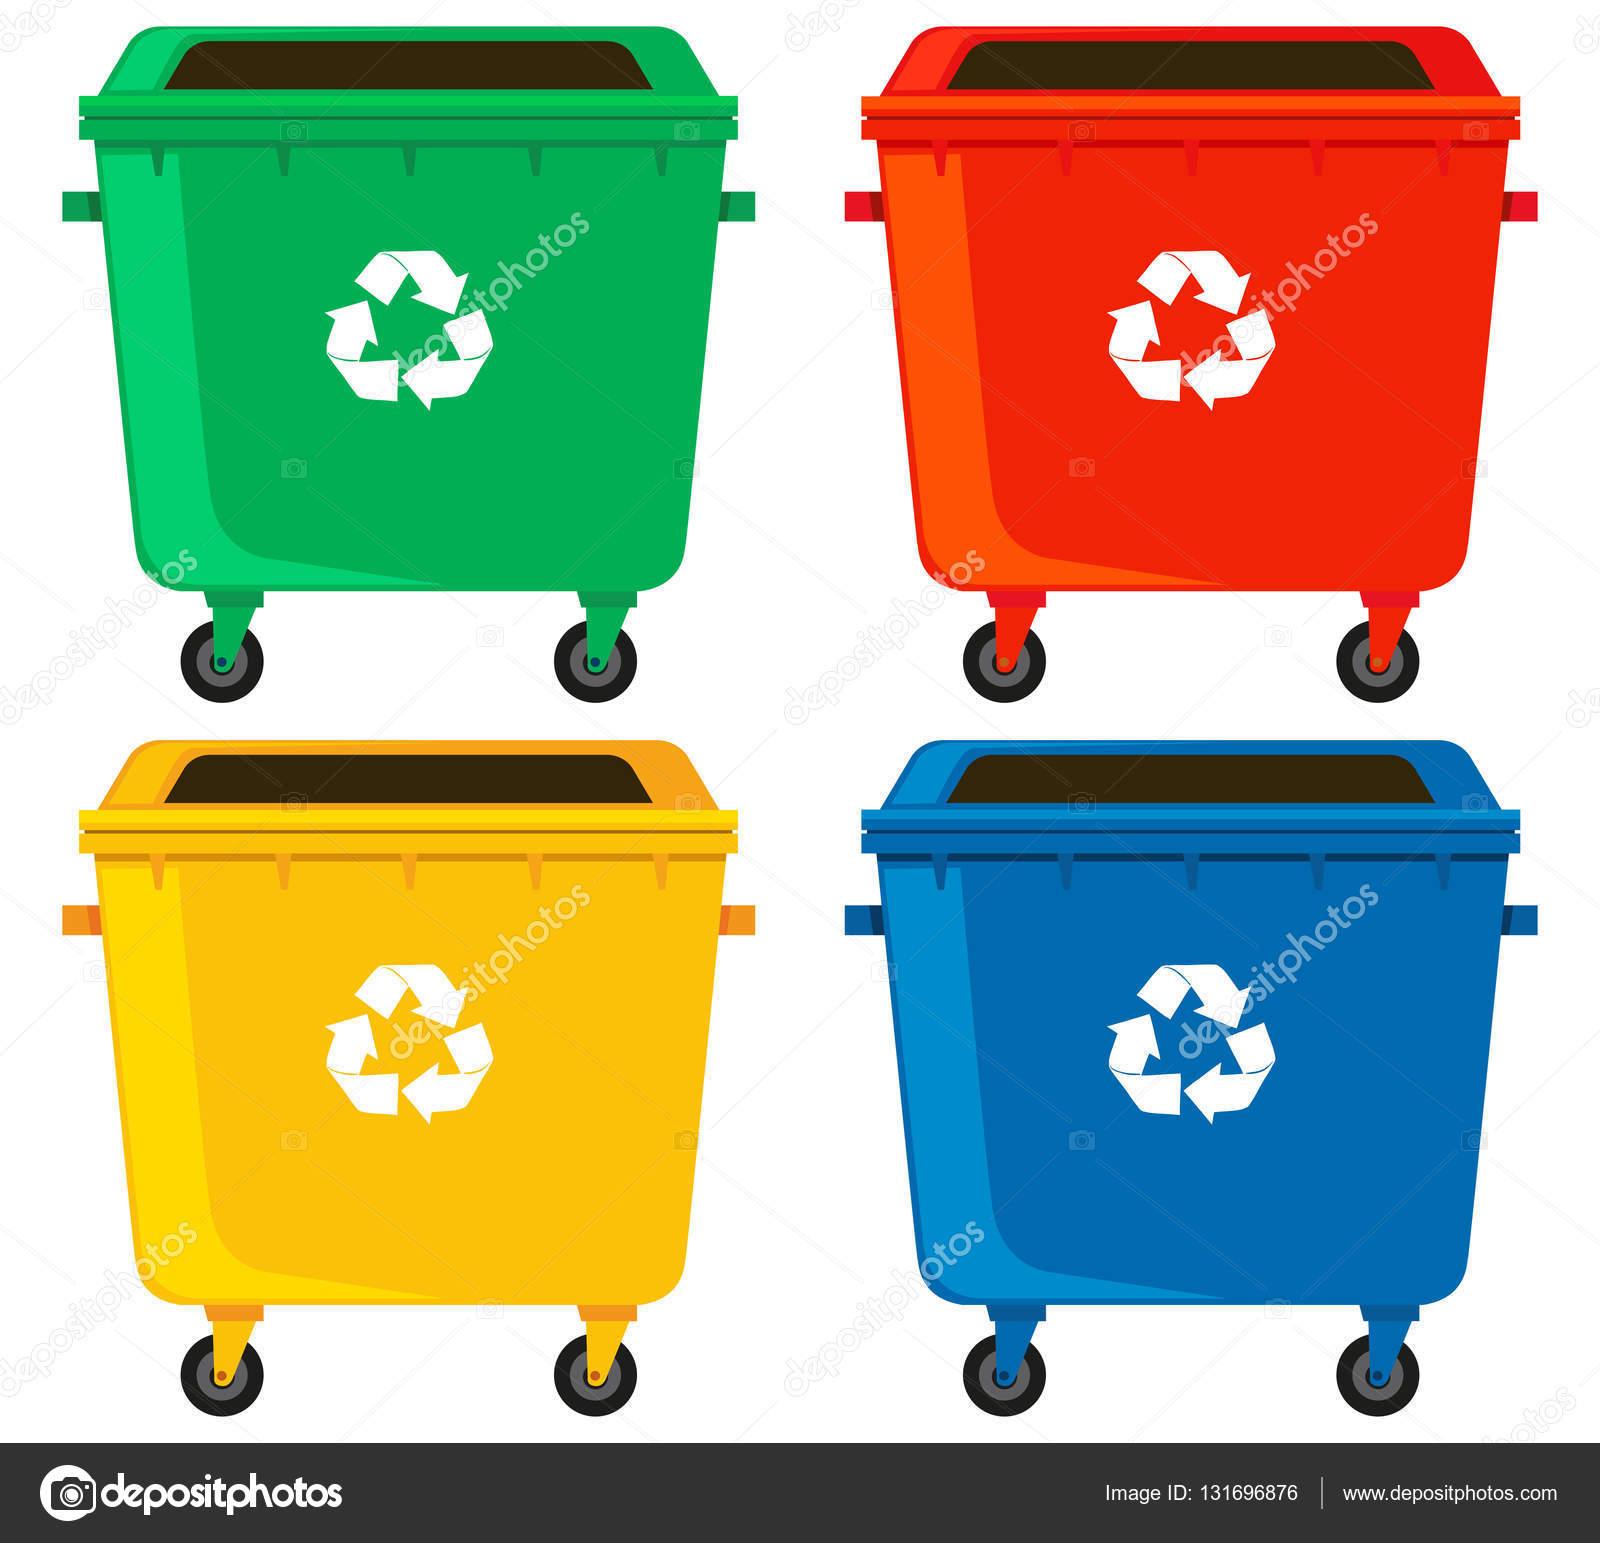 Basura de colores contenedores de basura en cuatro colores vector de stock blueringmedia - Contenedores de basura para reciclaje ...